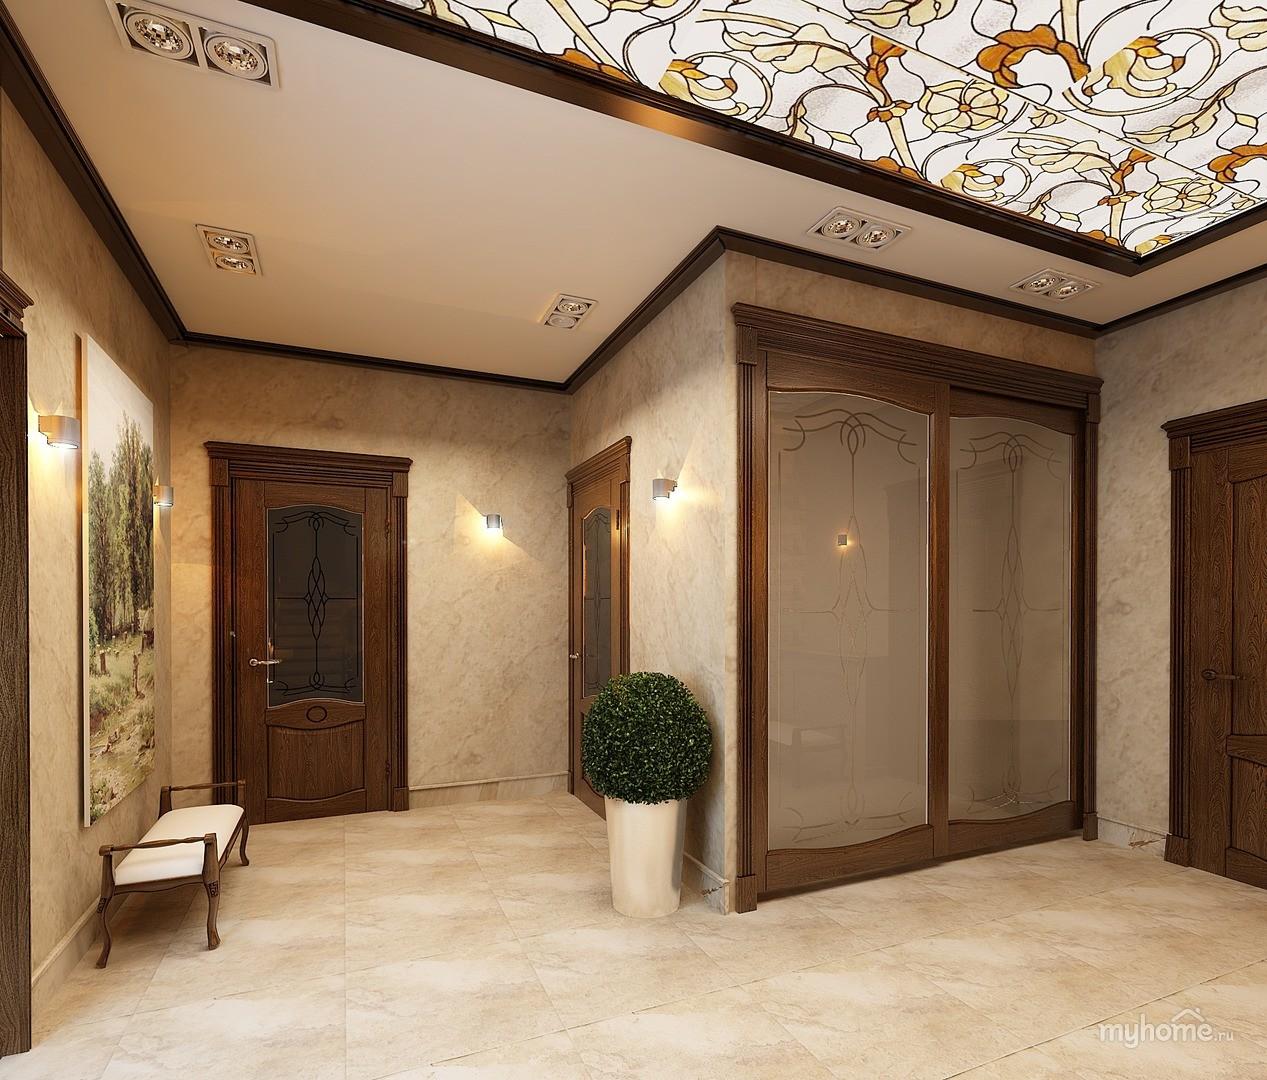 дизайн холла в частном доме фото его